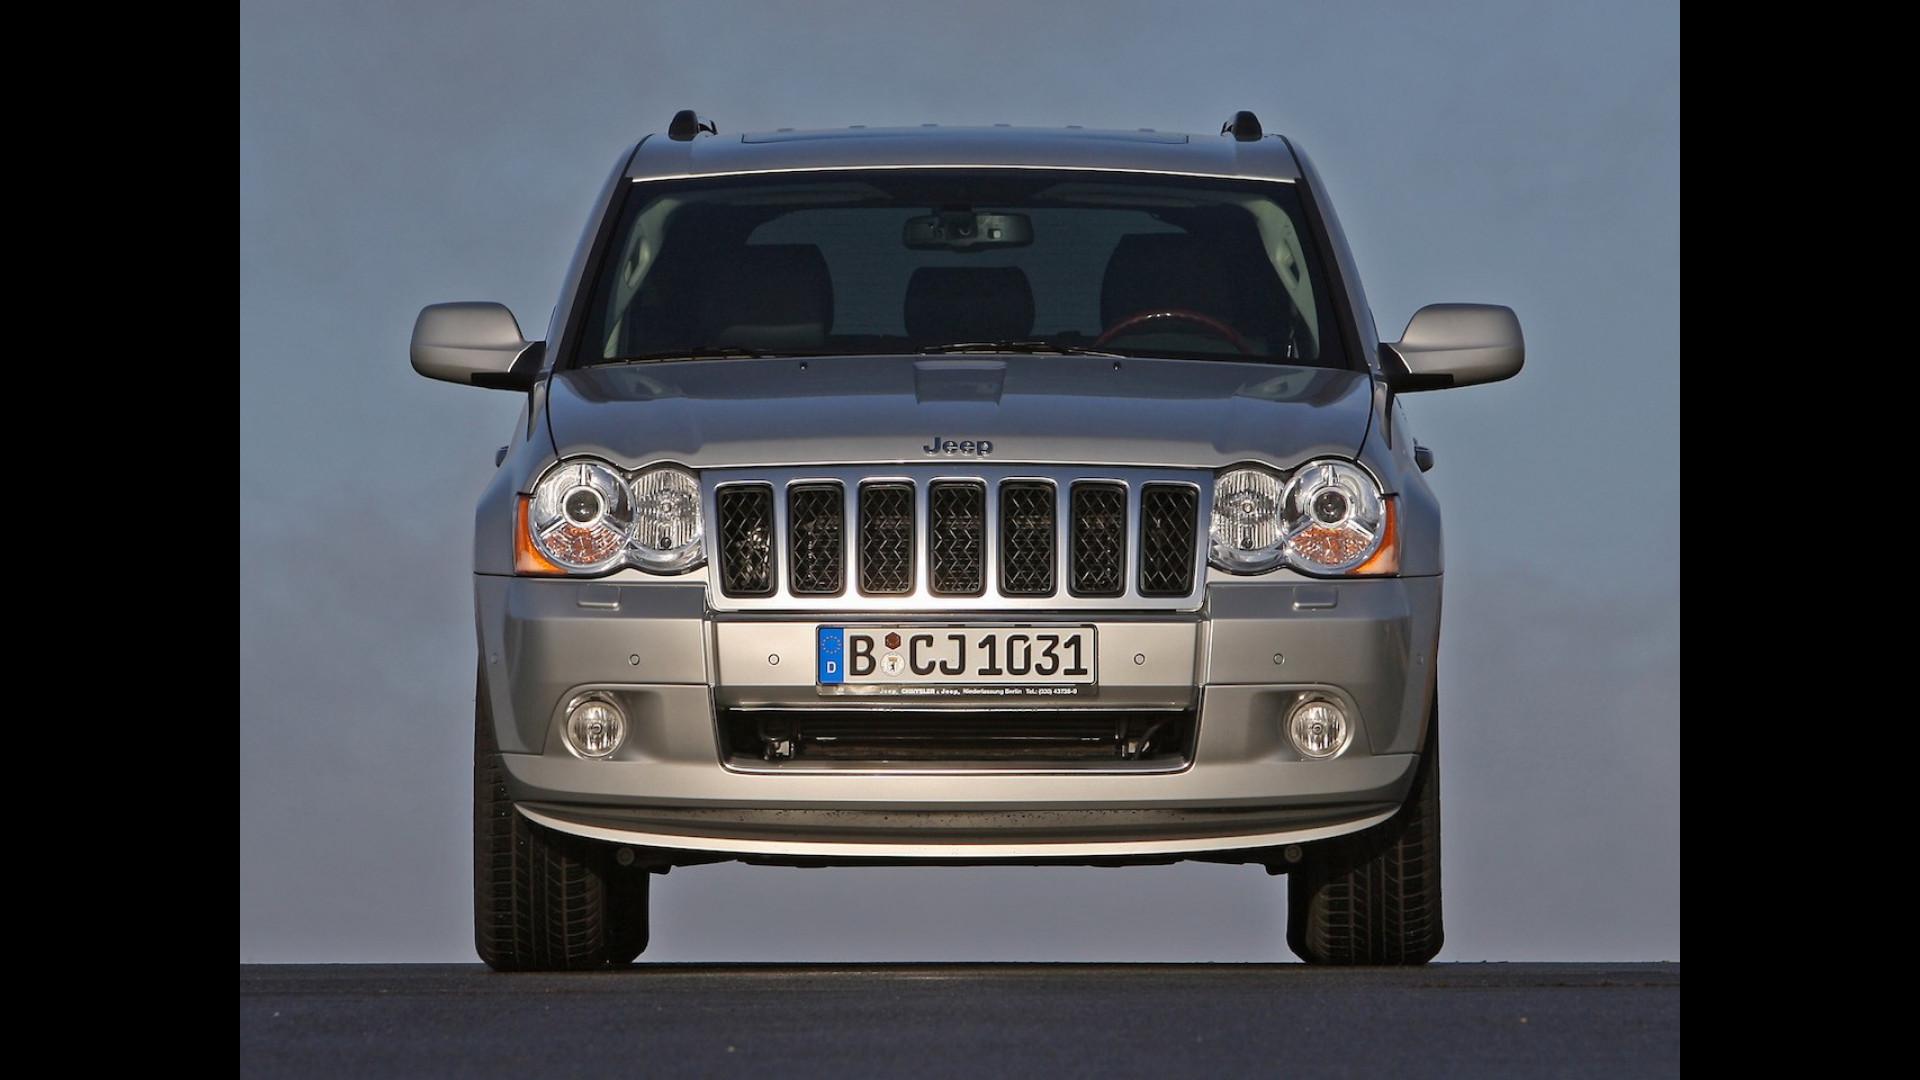 Schemi Elettrici Jeep Cherokee : Jeep grand cherokee trackhawk con cv è il suv più potente del